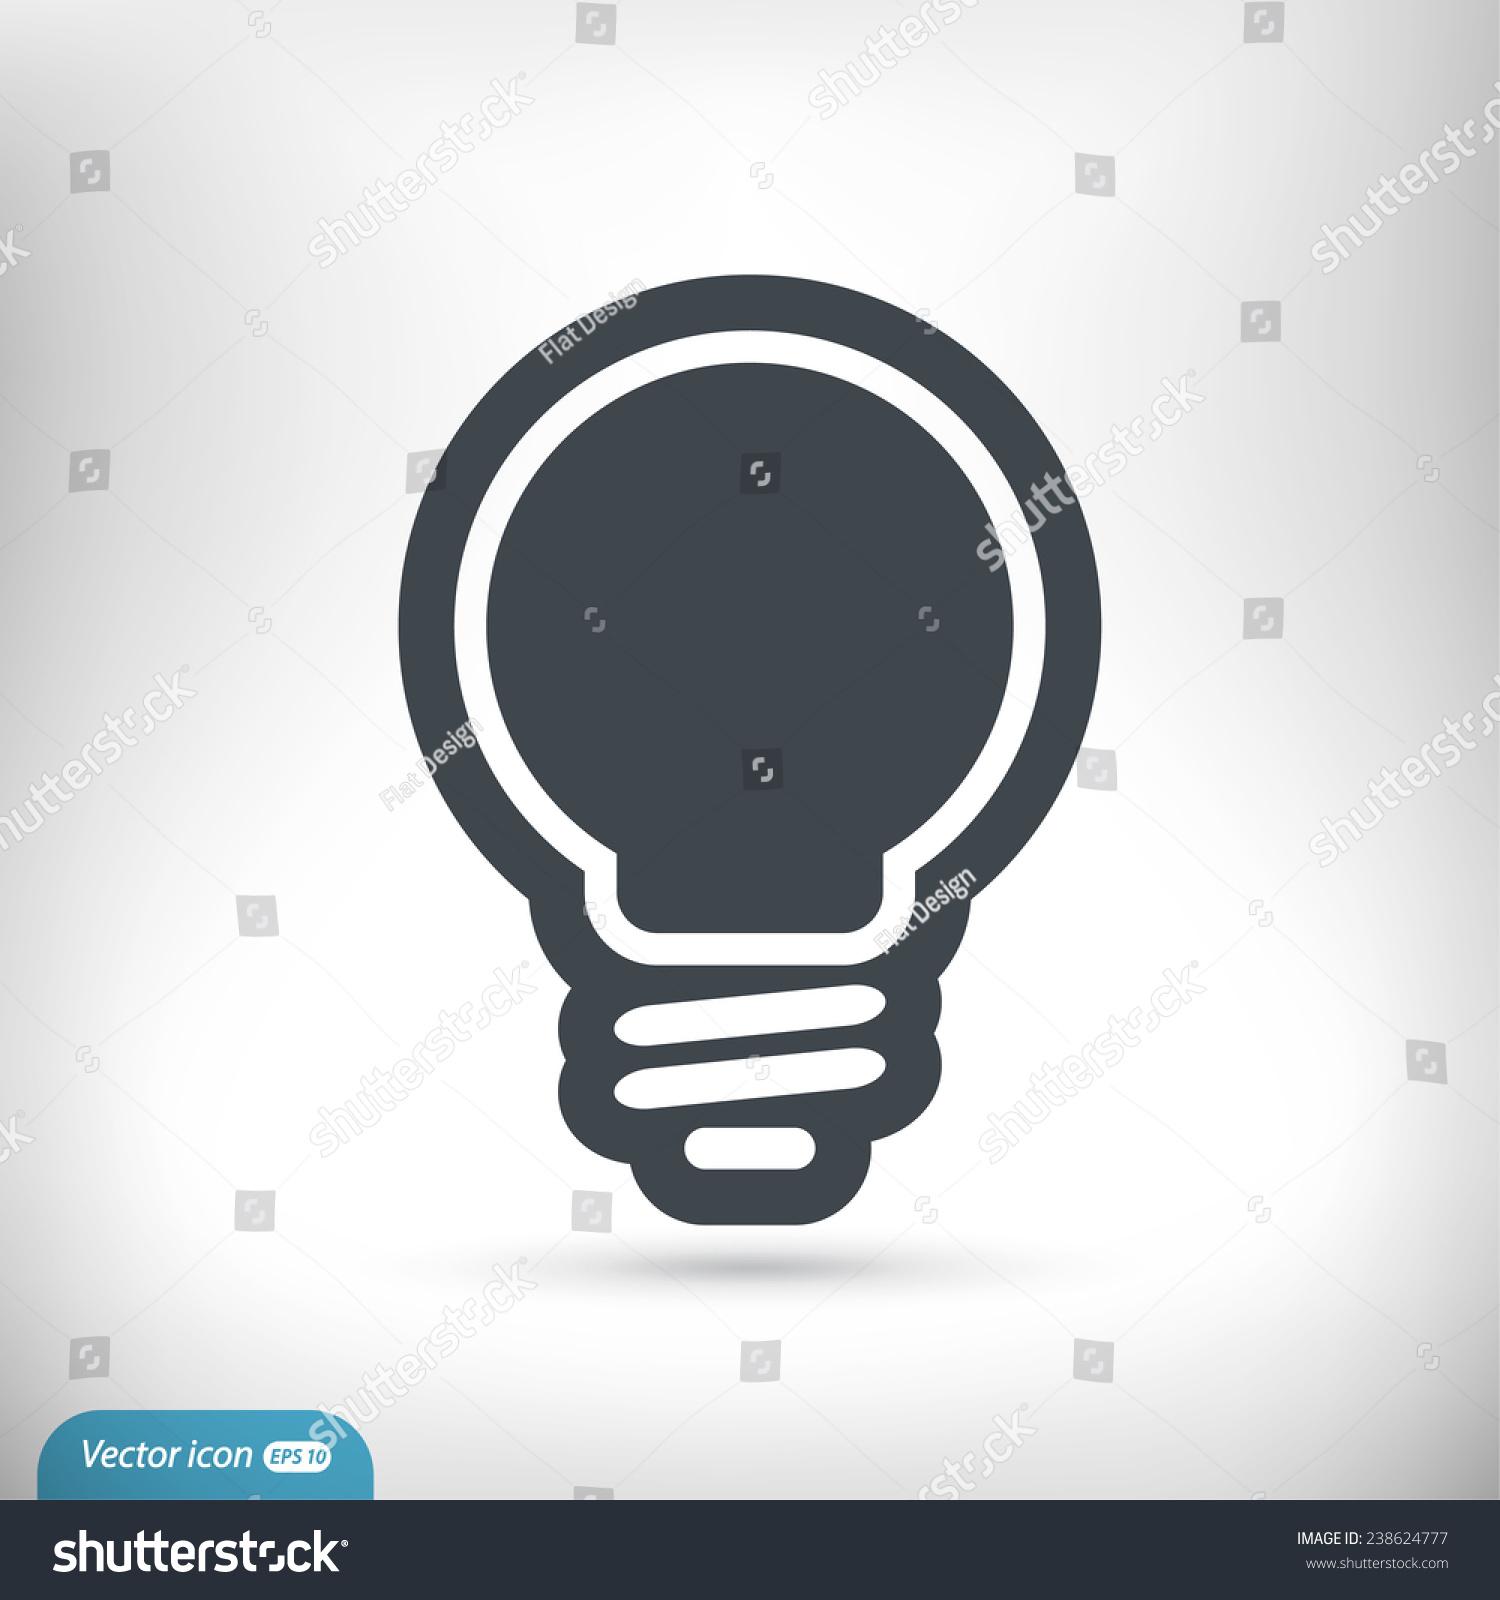 灯泡图标,矢量图.平面设计风格-科技,符号/标志-海洛